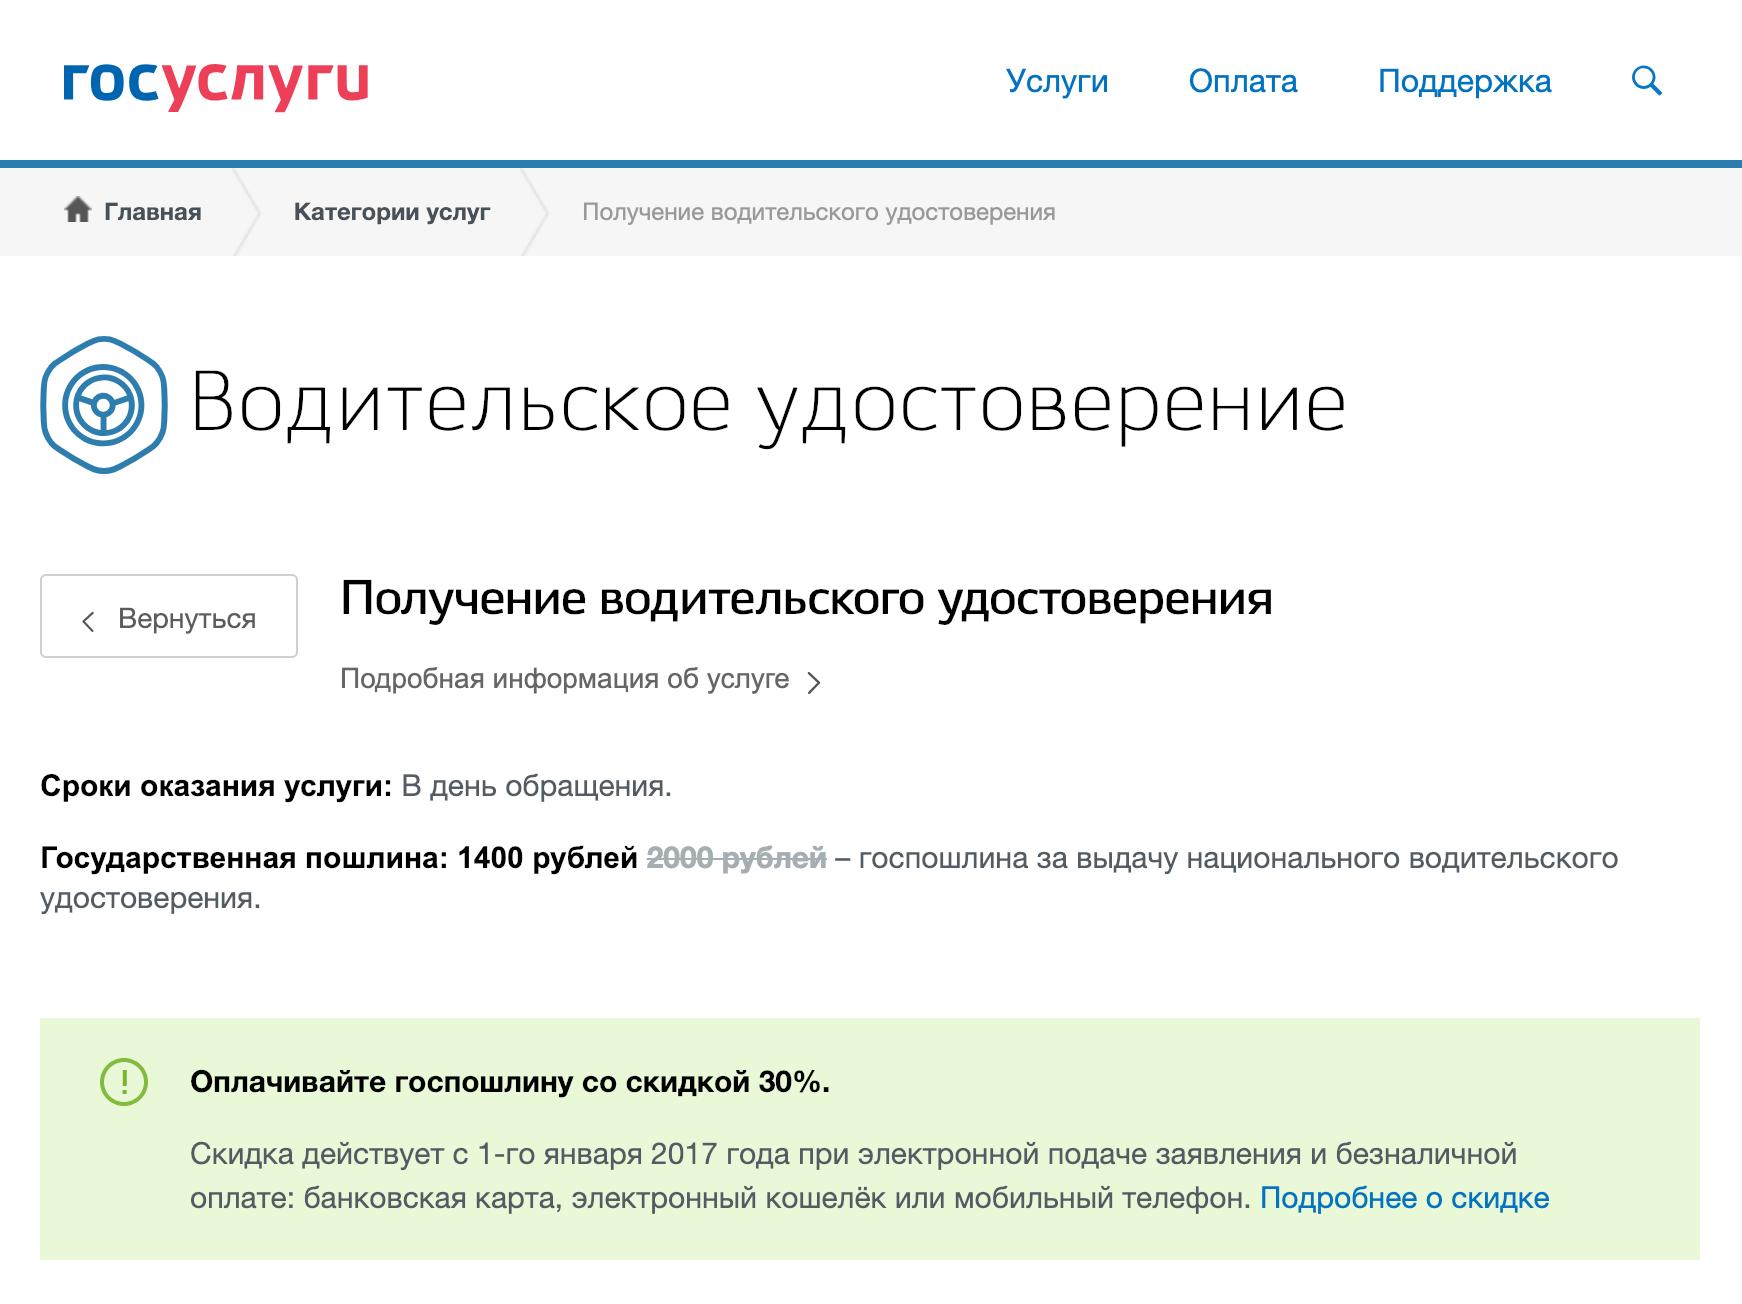 Госпошлина за выдачу прав впервые и за их замену одинакова по всей стране: 2000 рублей при оплате по квитанции в банке или 1400 рублей при оплате через госуслуги